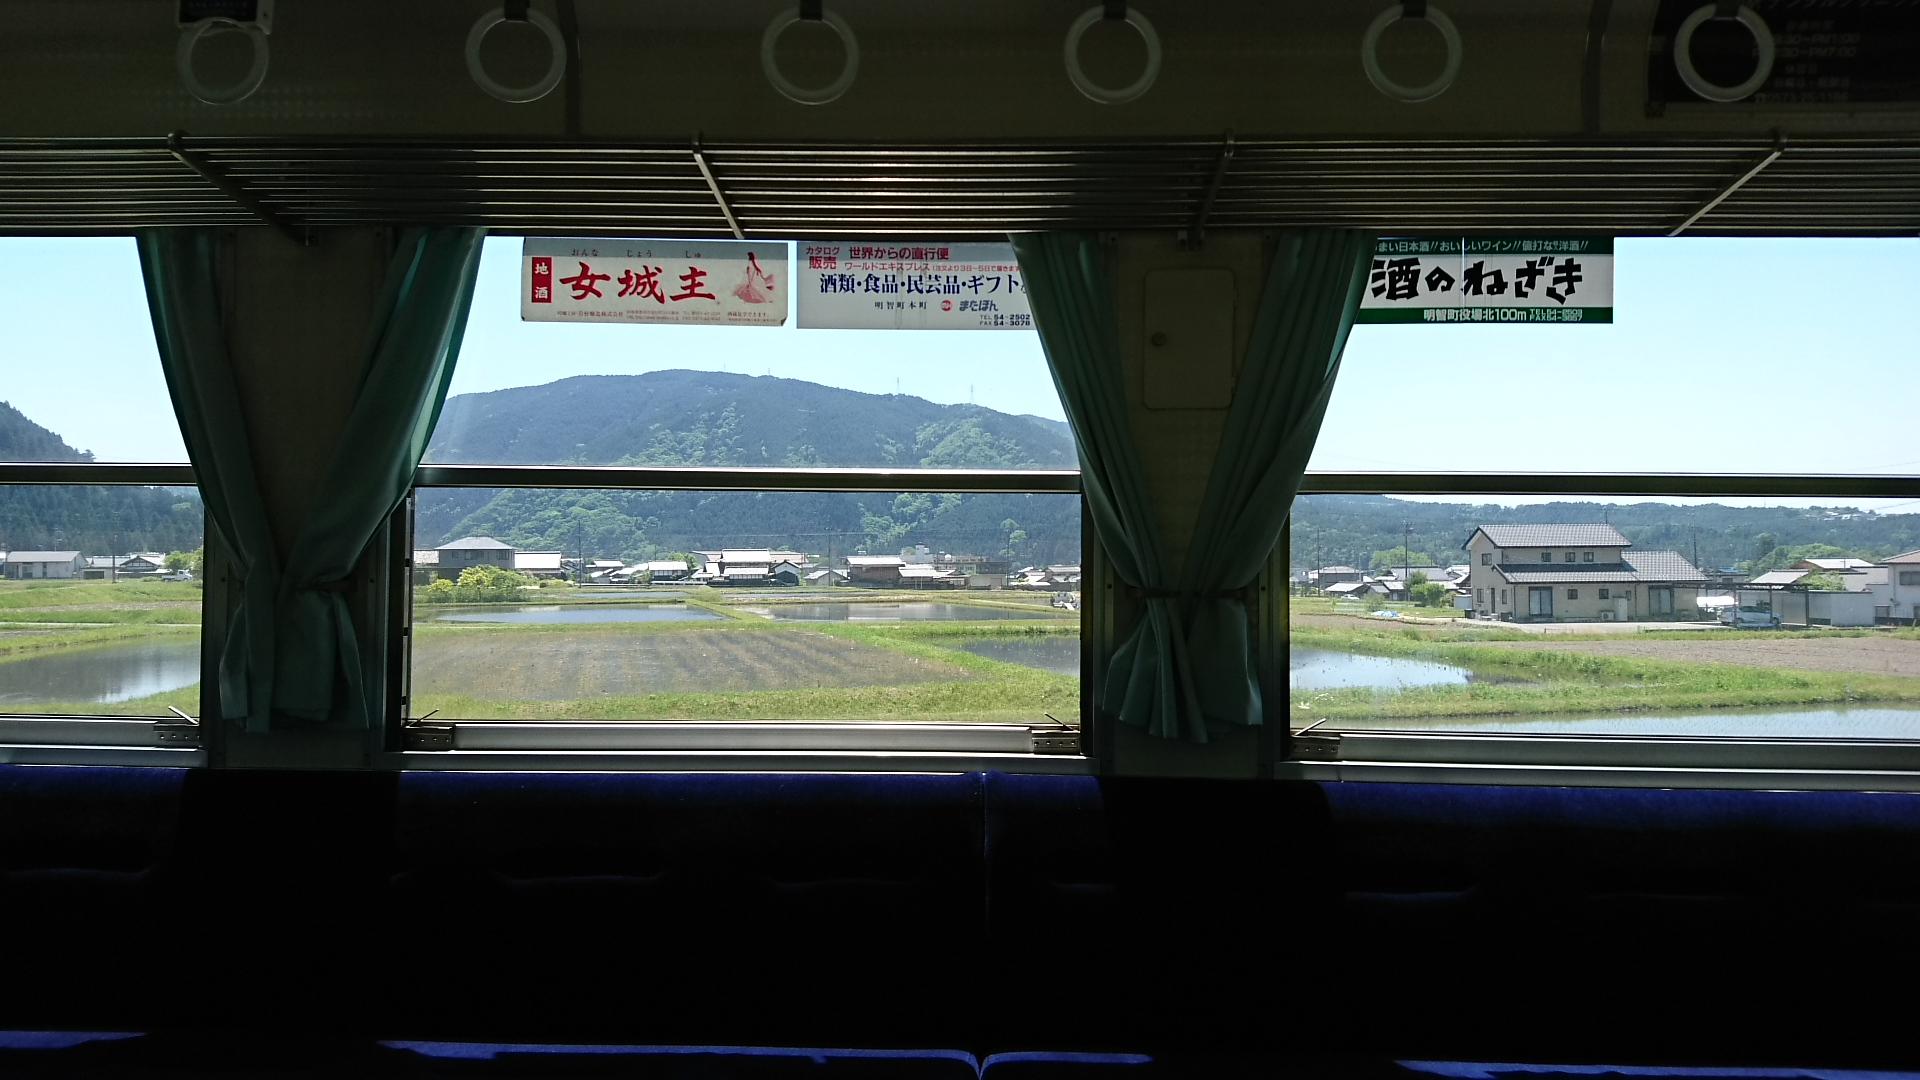 2017.5.19 大井 (45) 恵那いき急行 - 東野てまえ 1920-1080